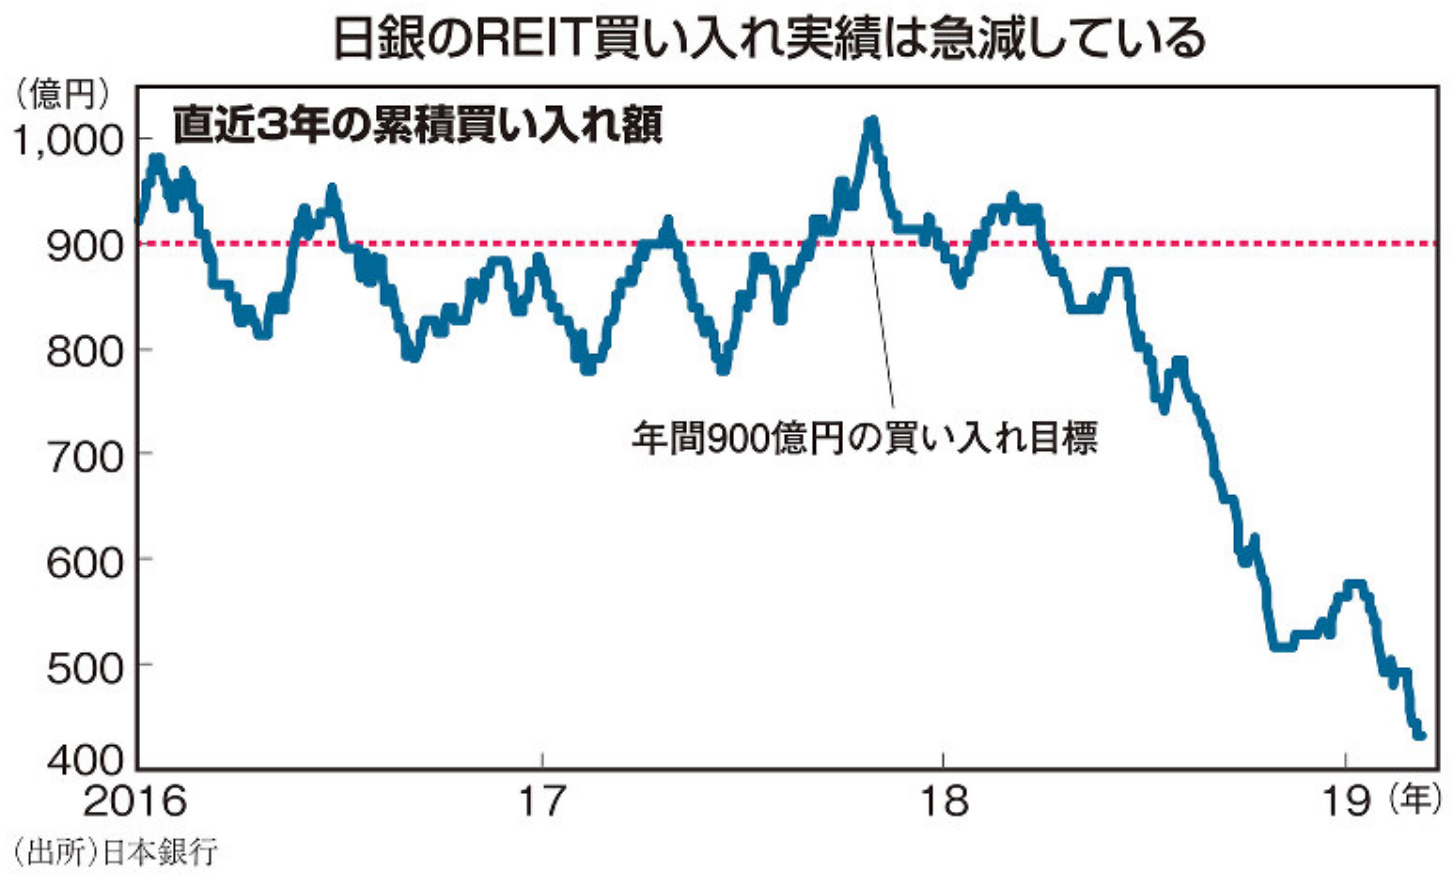 日本銀行による、J-REIT(リート)の買い入れ